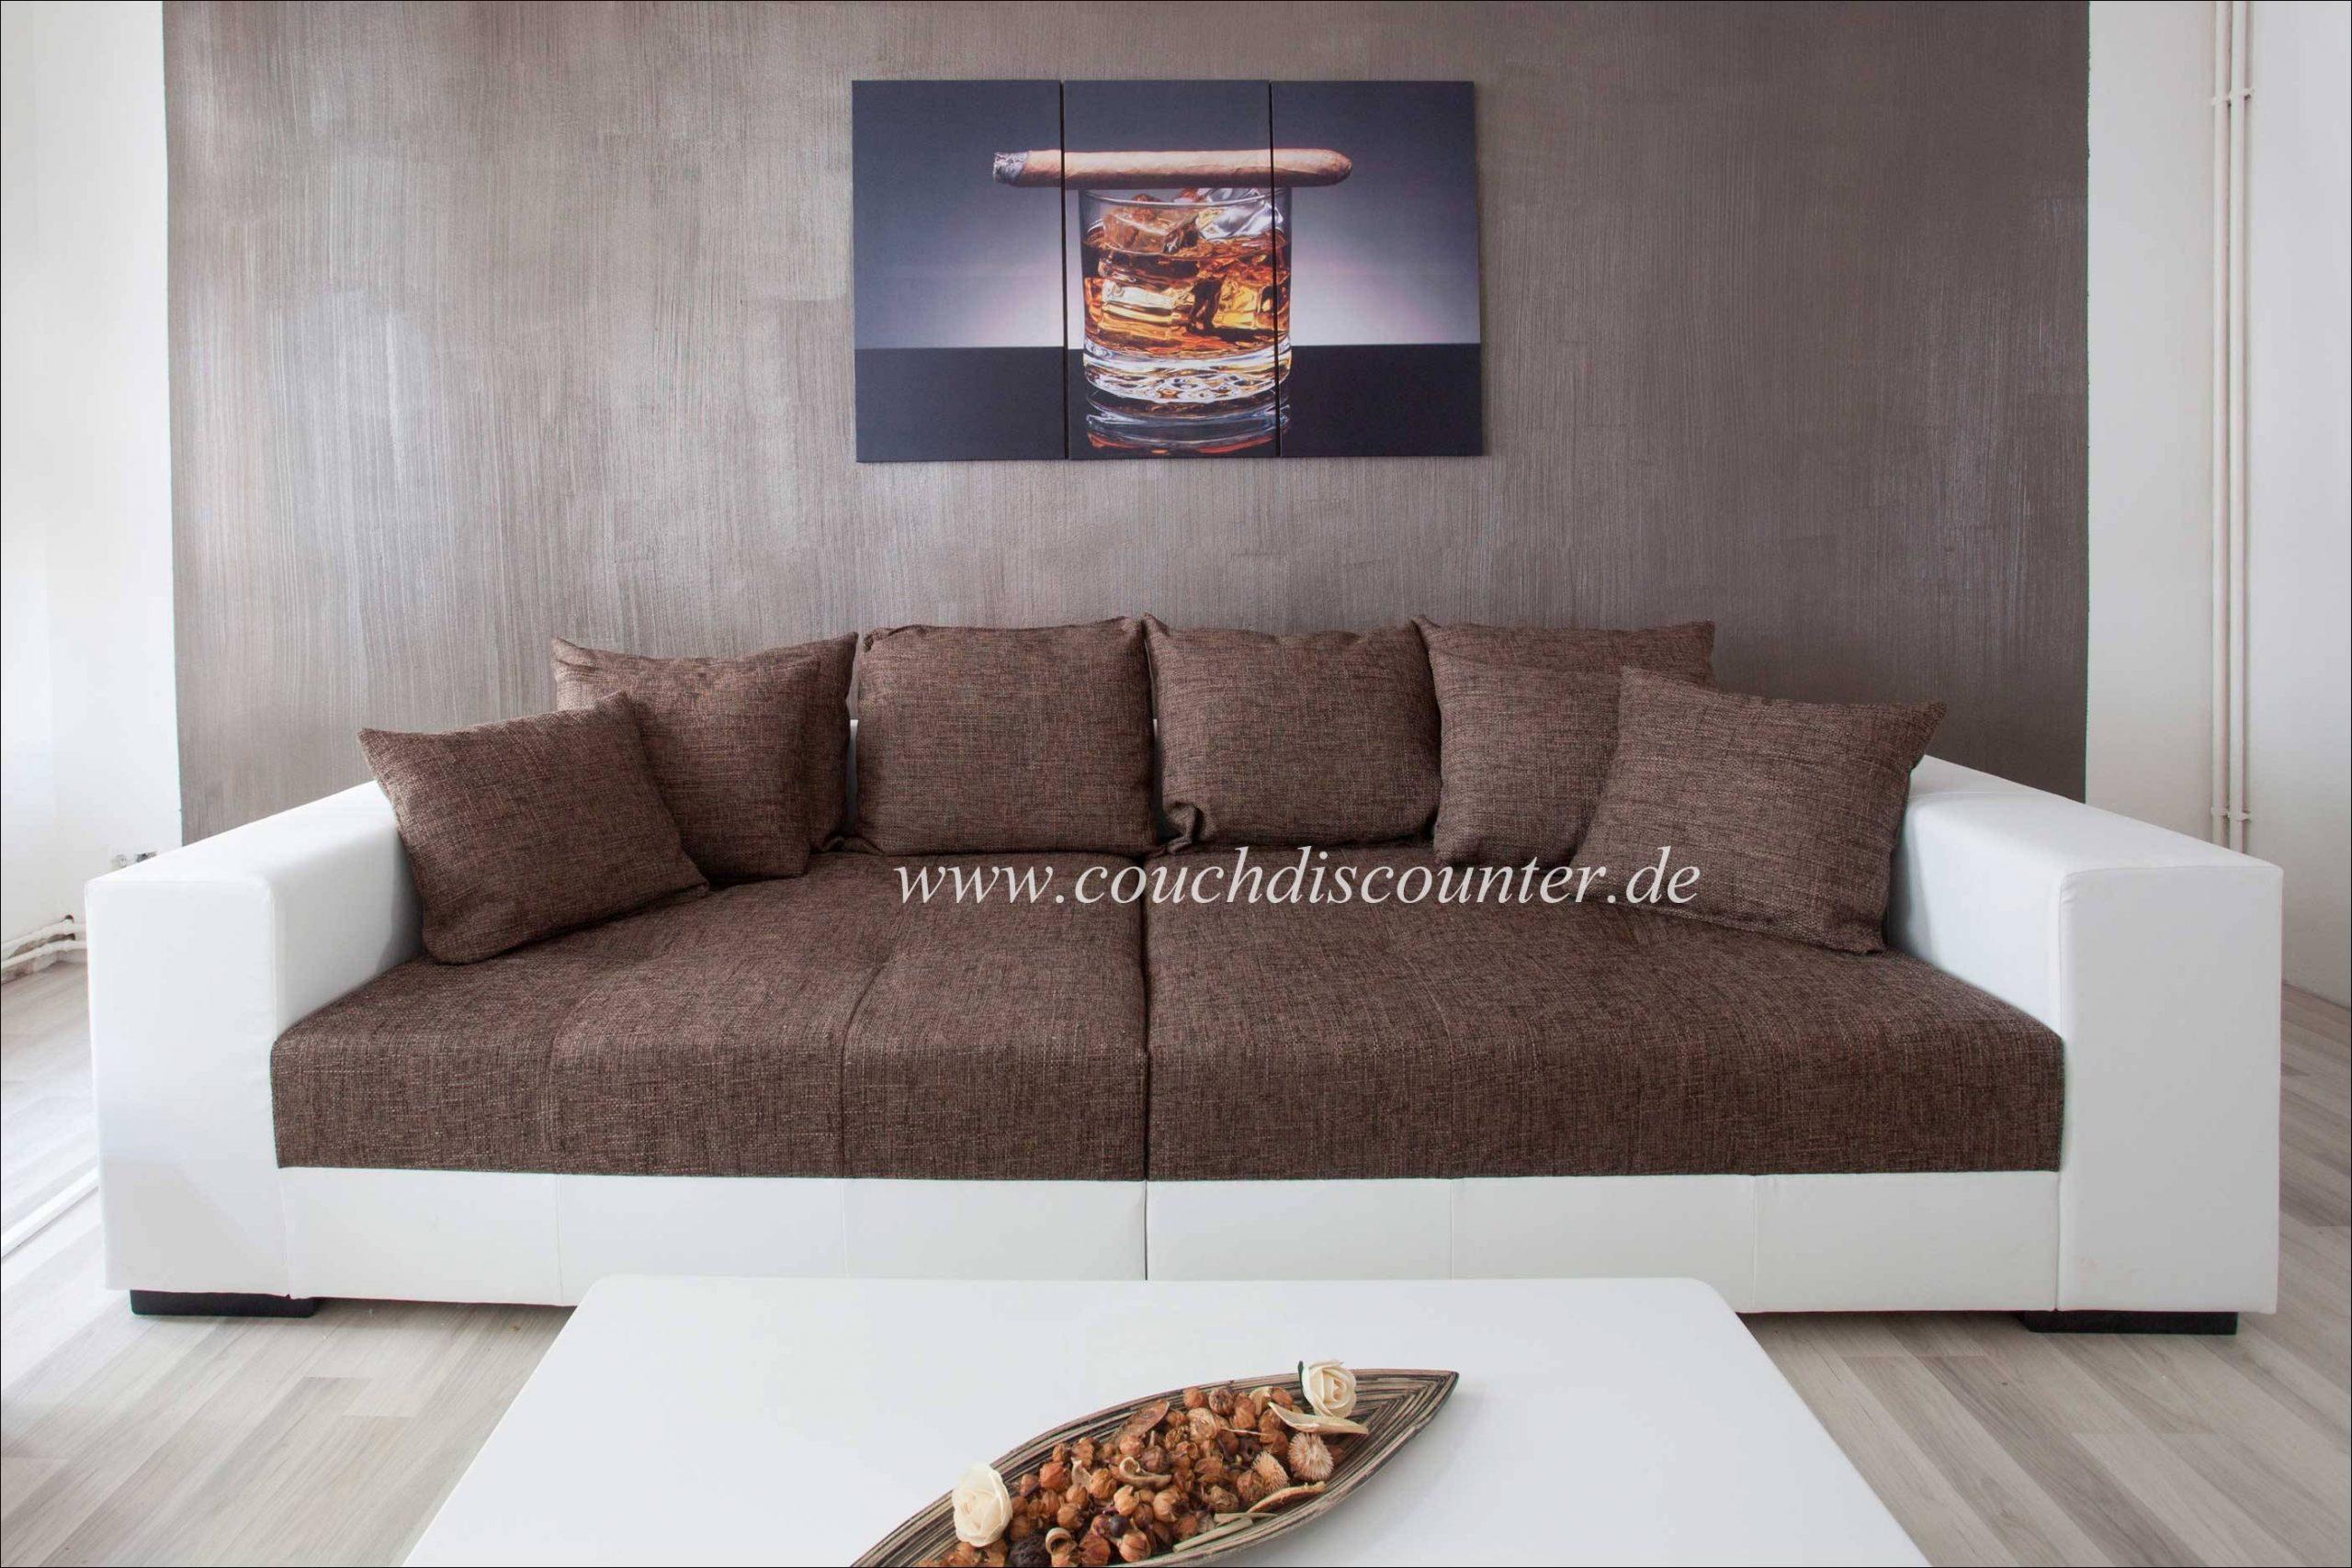 Full Size of Qualitt Sofa Beziehen Mondo Delife Echtleder Ebay Höffner Big Günstige Fenster Stilecht Schlafzimmer Hussen Für Le Corbusier Bett Kaufen Günstig Günstiges Sofa Big Sofa Günstig